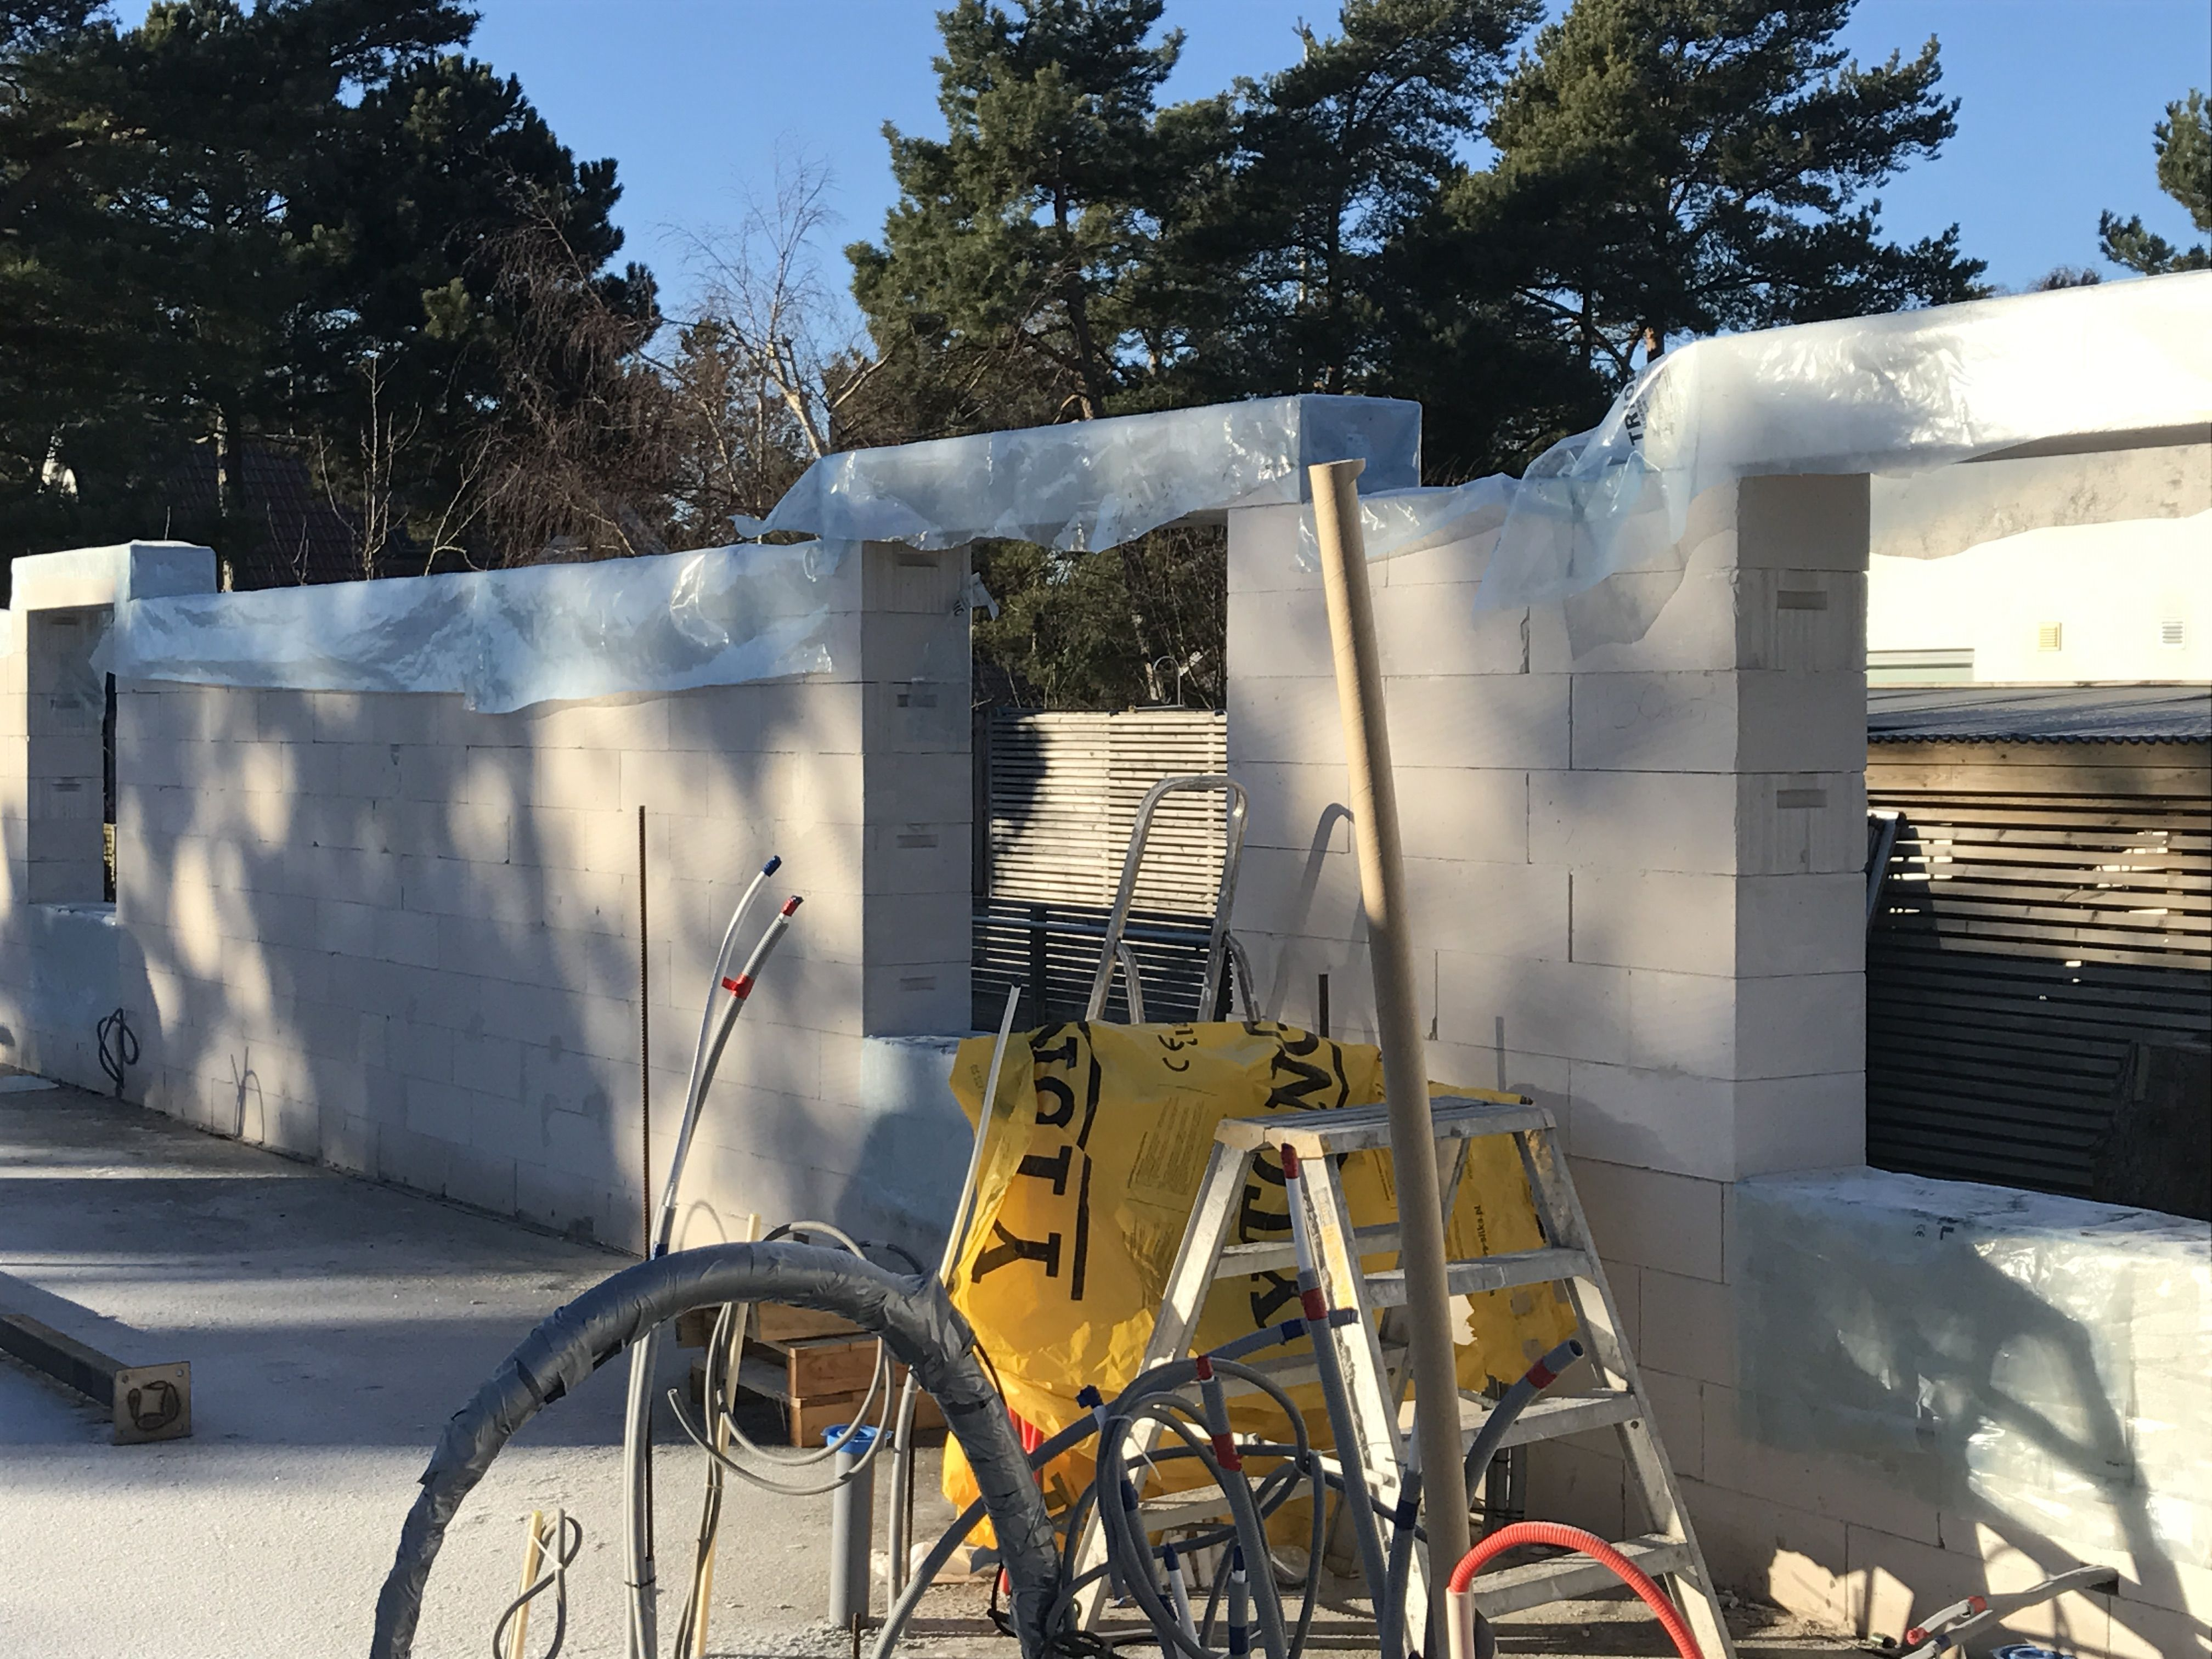 Huset börjar ta sin form – Ytong lättbetong väggar -  Man enkelt såga i blocken och skapa de öppningar för fönster och dörrar som man önskar. När balkarna väl kommer upp ser man fönsterpartierna ta sin form, så spännande att se huset växa fram.   Blogger http://blog.homedoubler.com/2017/04/huset-borjar-ta-sin-form.html   Blogg http://homedoubler.com/huset-borjar-ta-sin-form-ytong-xella-lattbetong